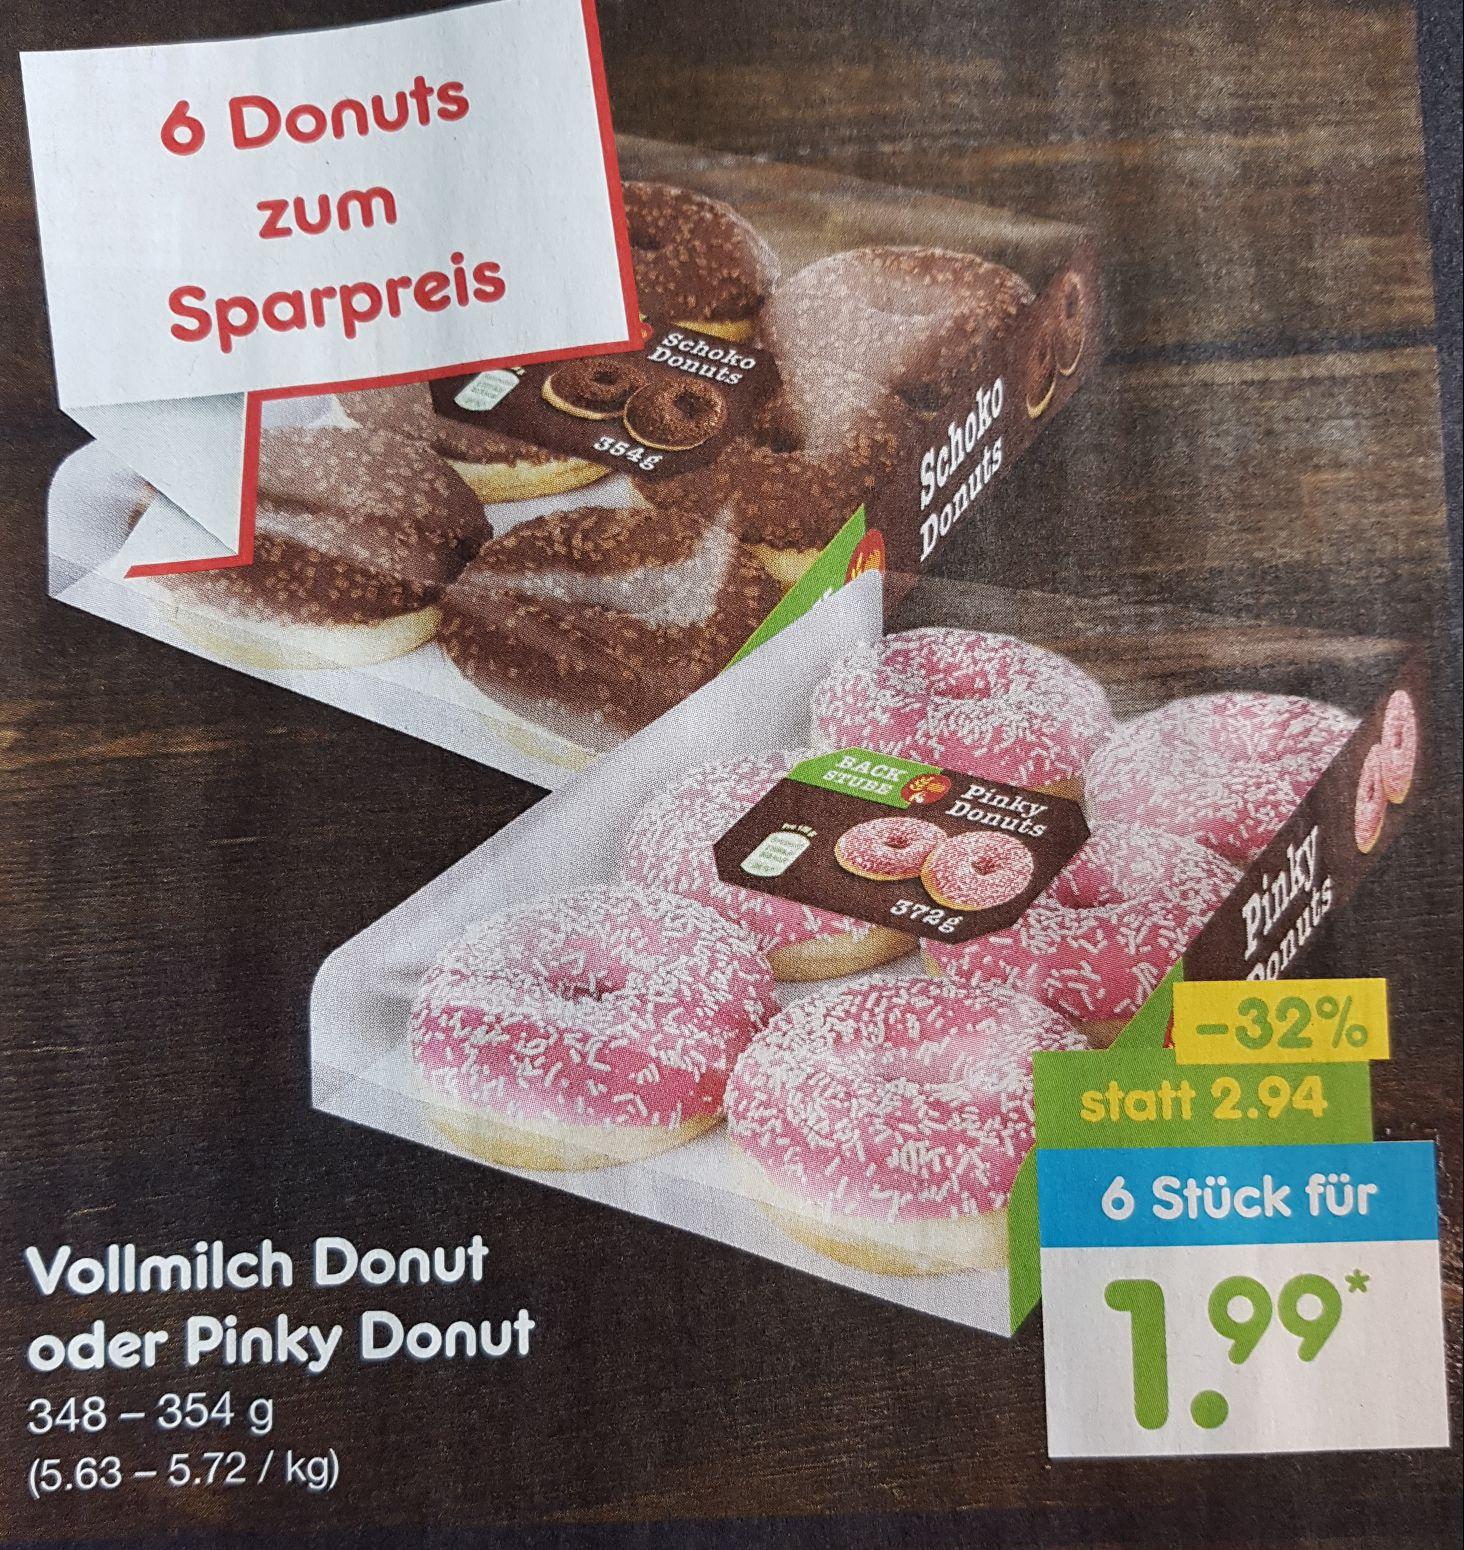 [Netto] Bundesweit Vollmilch Donut oder Pinky Donut 6 Stück